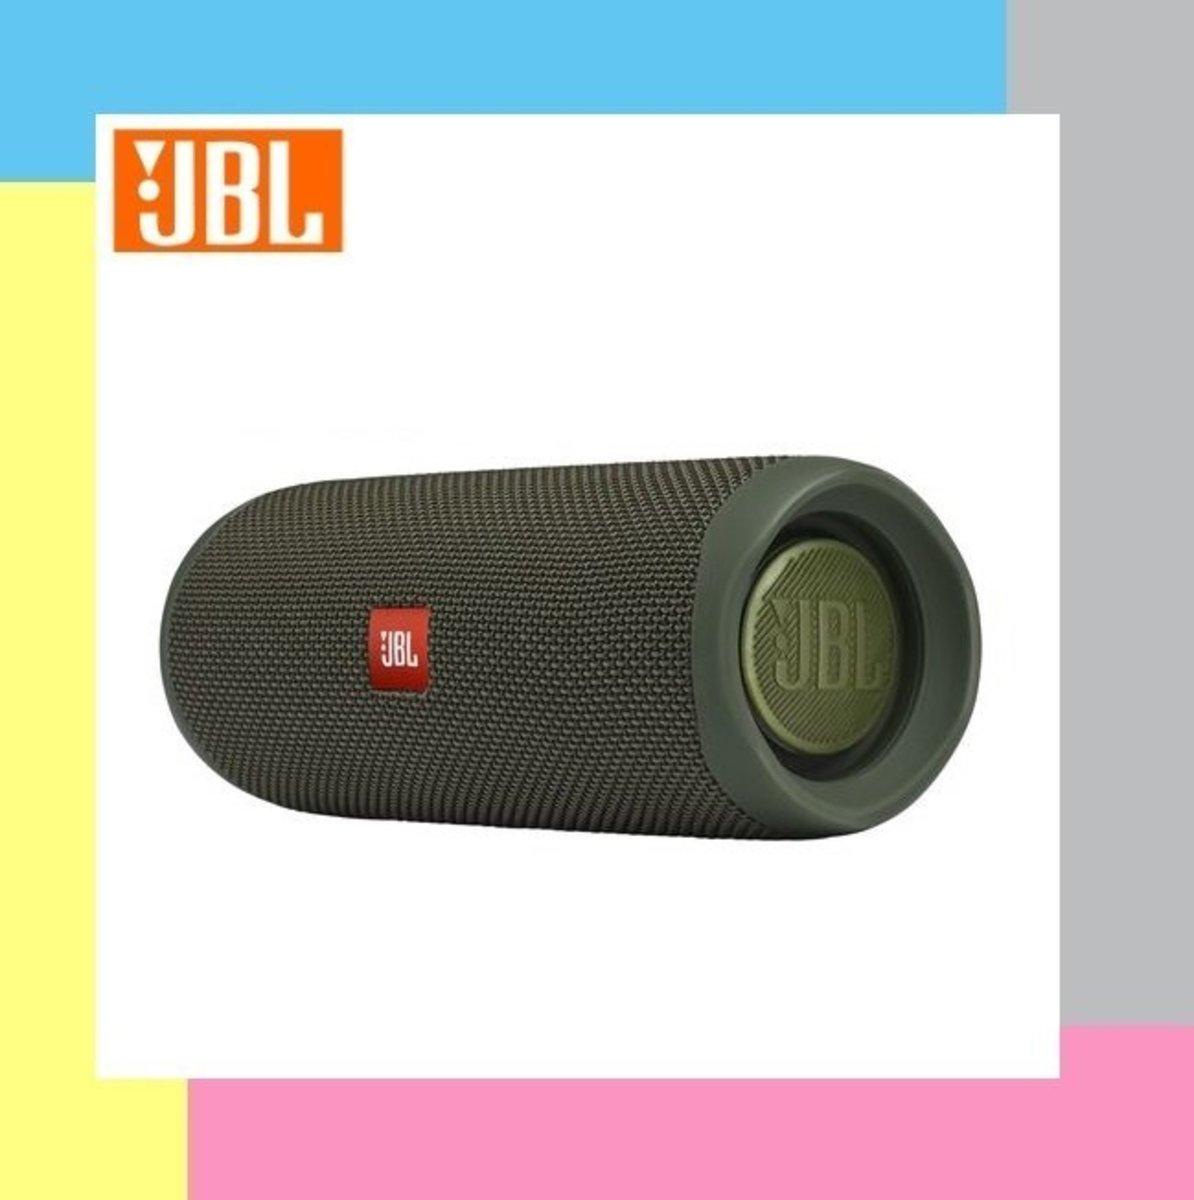 JBL Flip 5 無線音箱 - 森林綠 [產品為平行進口貨 提供一年保養]